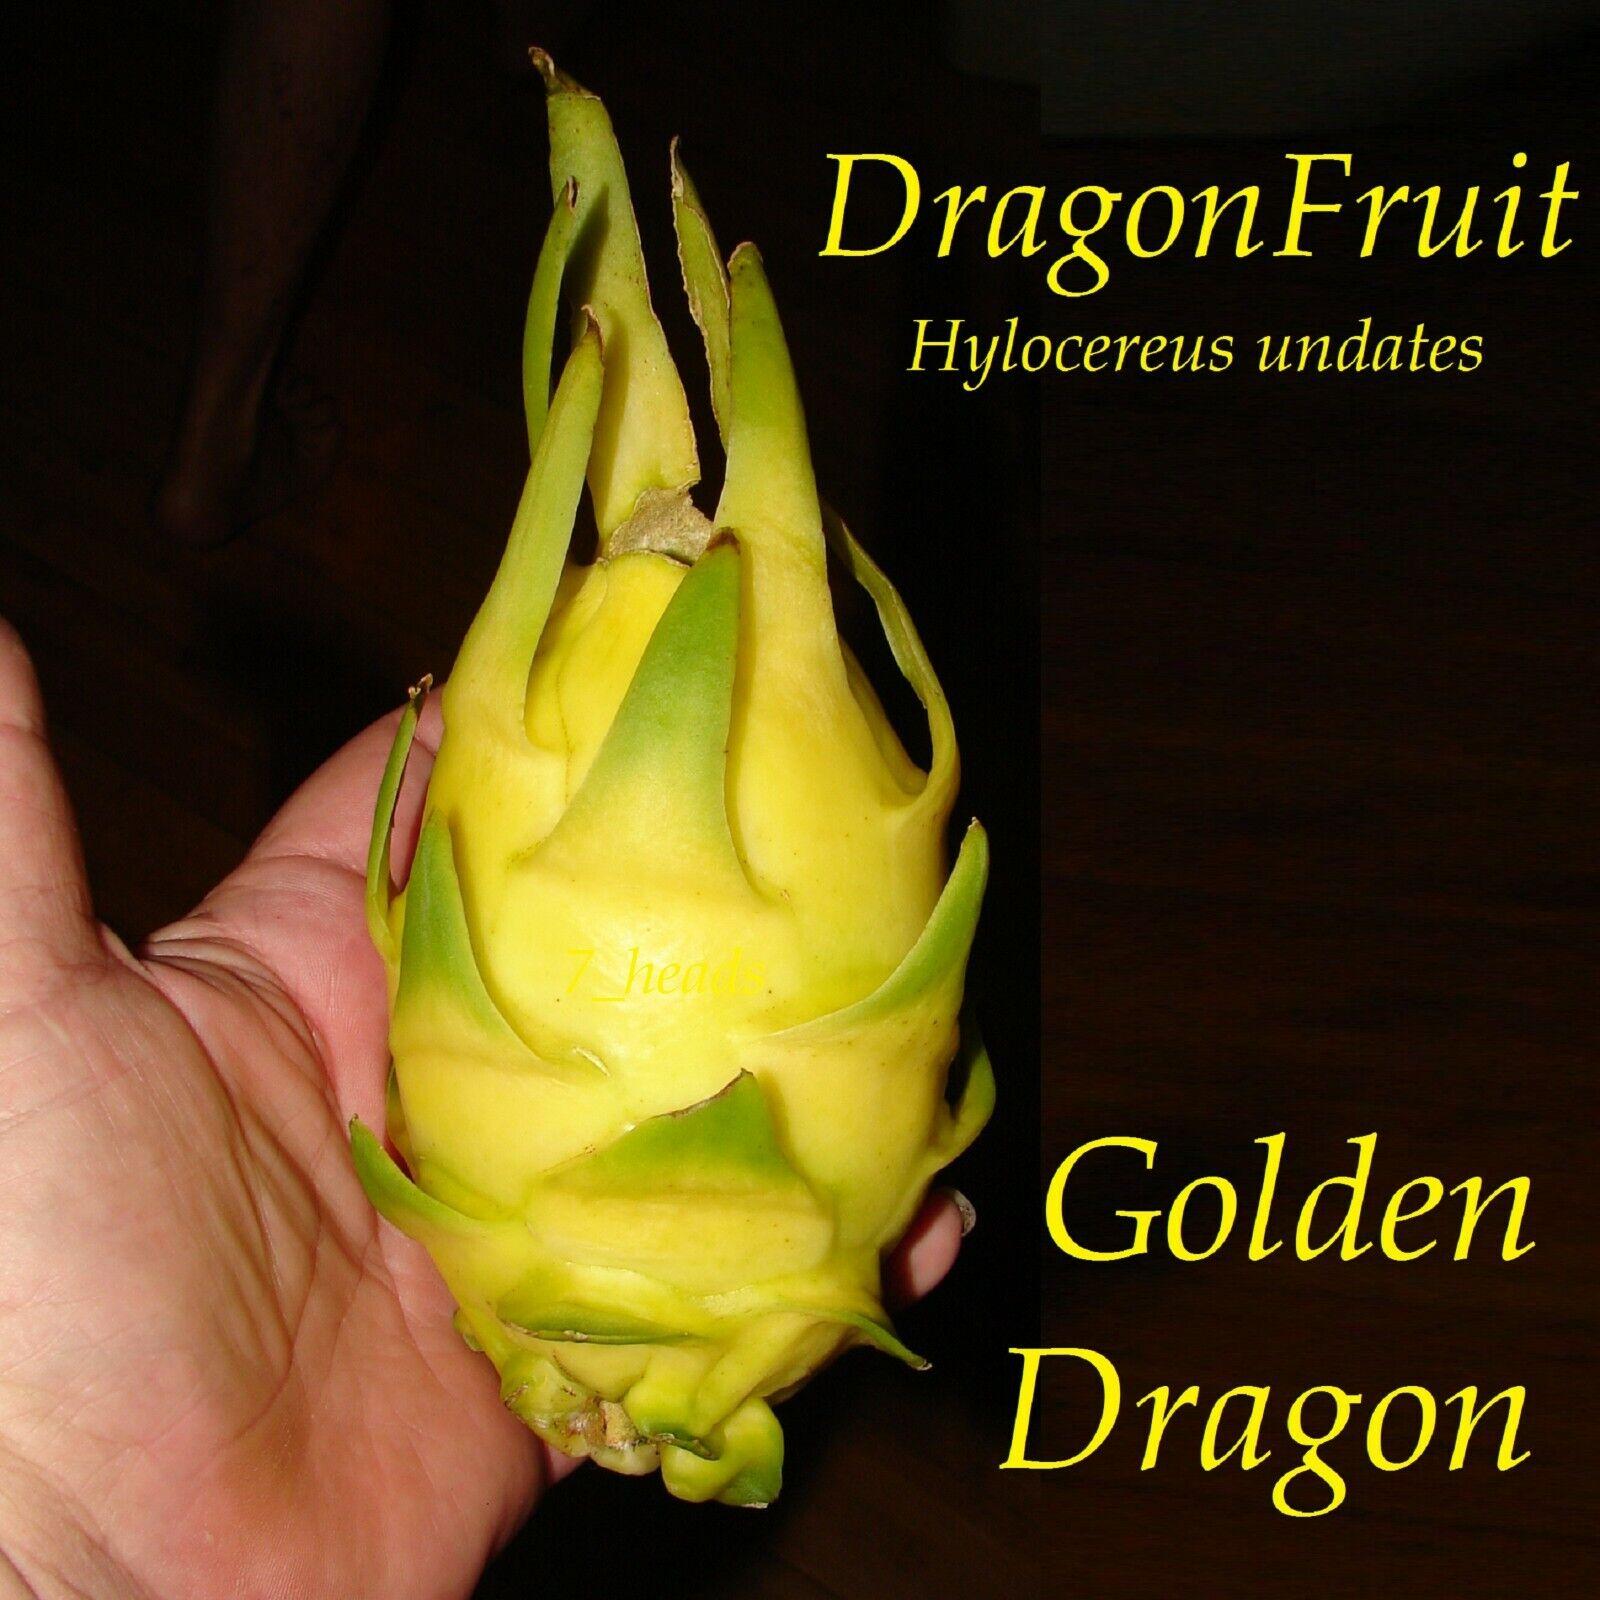 ~GOLDEN DRAGON~ DragonFruit Pitaya White Pulp Yellow Fruits Undatus Seeds EXOTIC